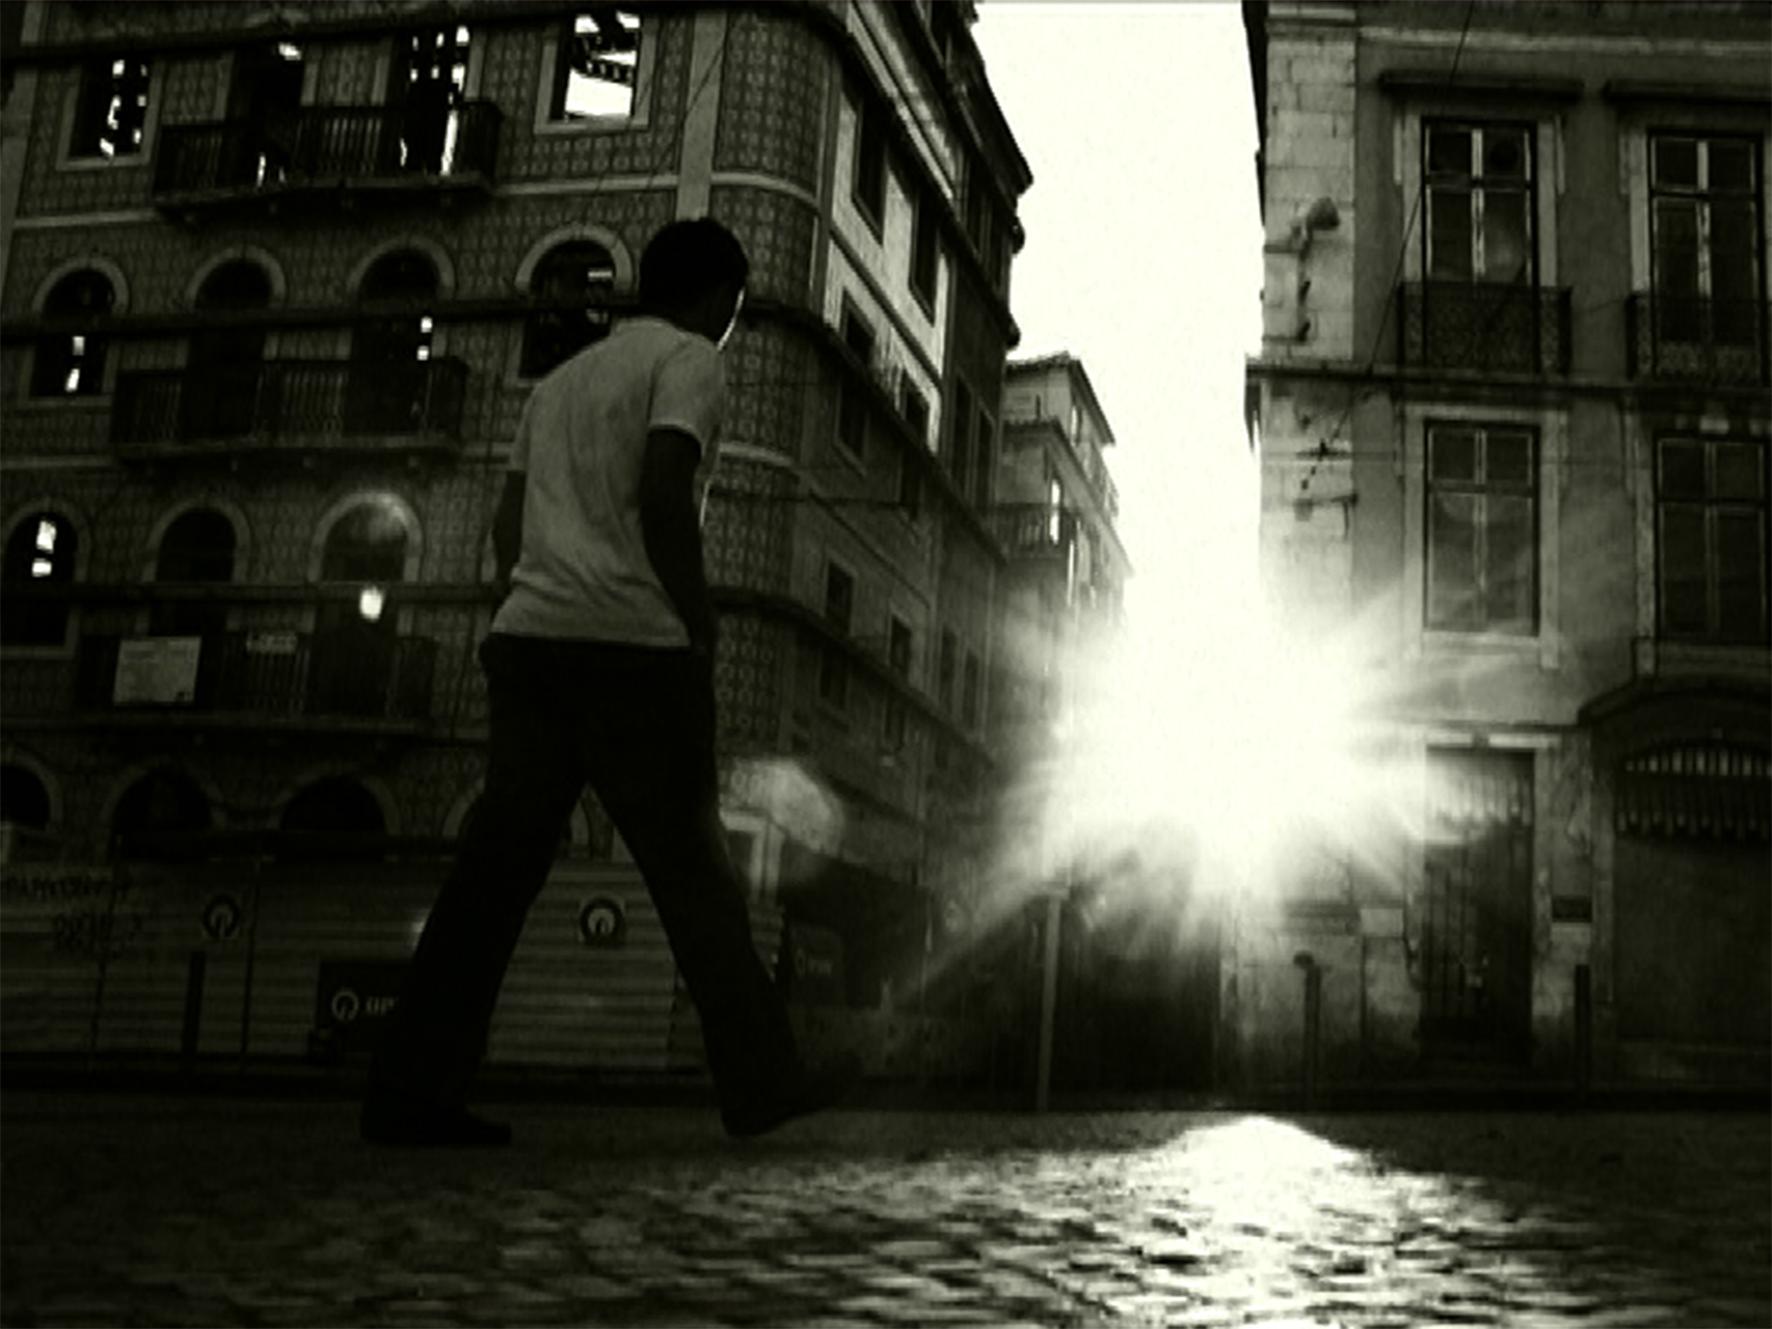 Mann überquert Straße in Lissabon